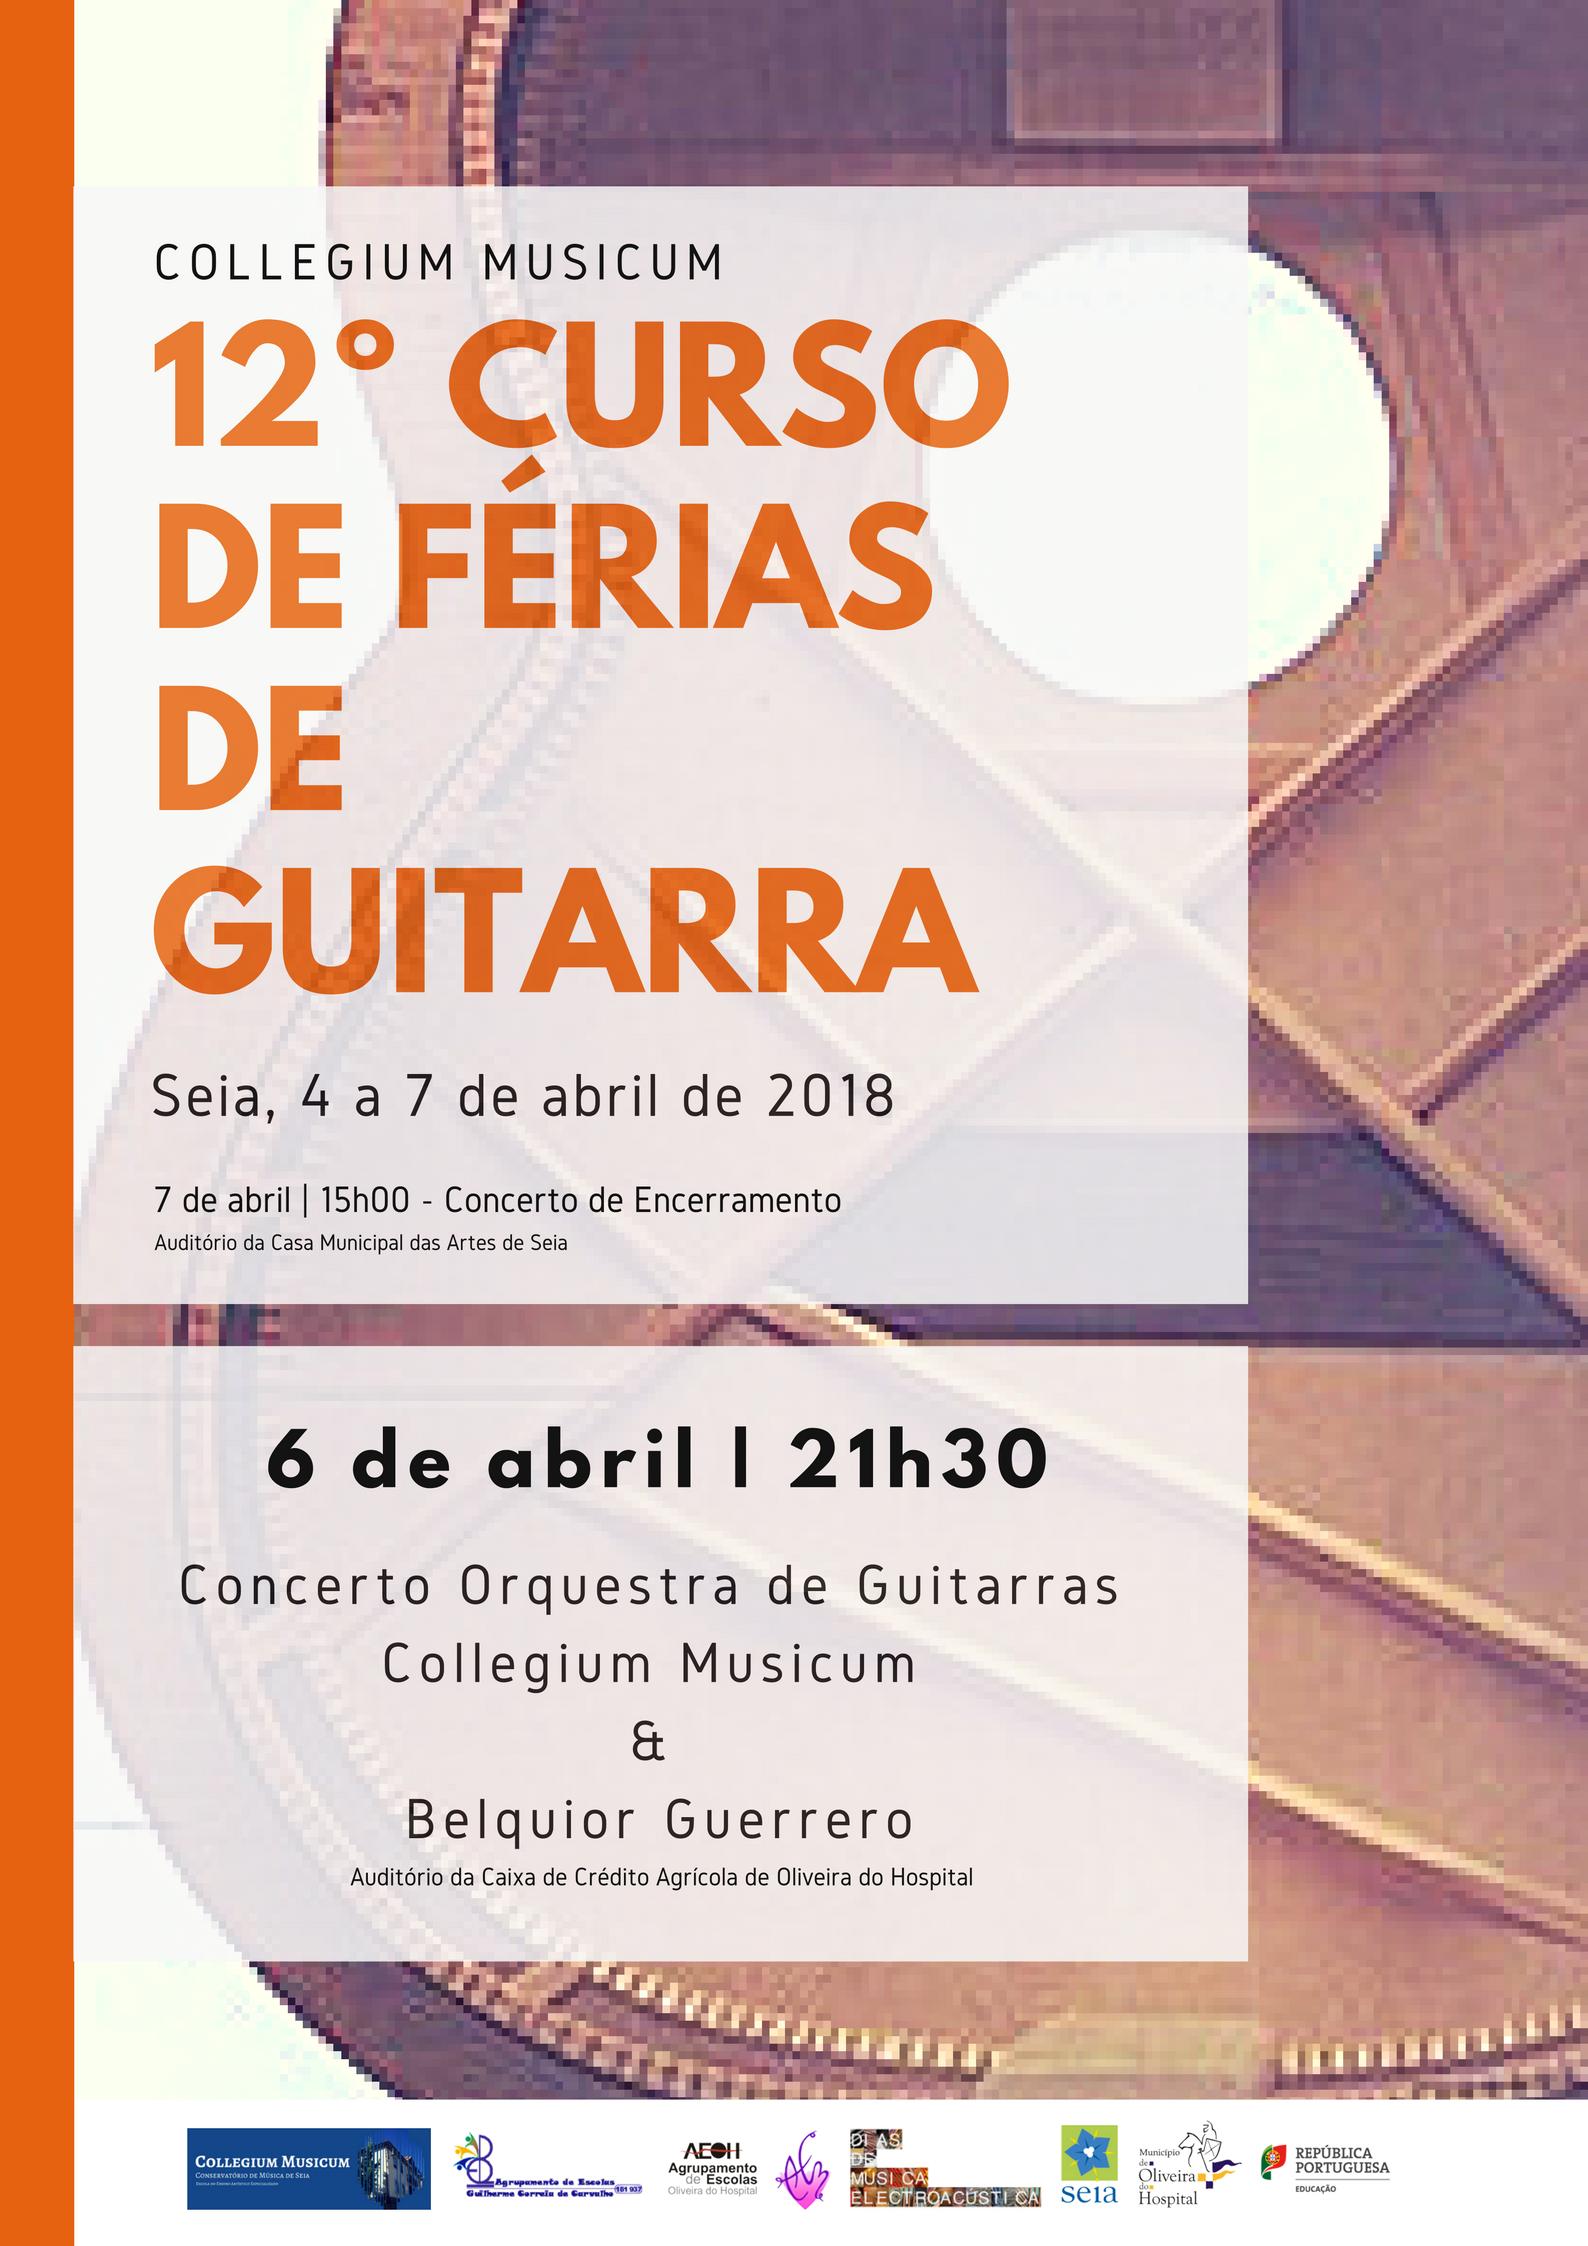 12º Curso de Férias e Guitarra